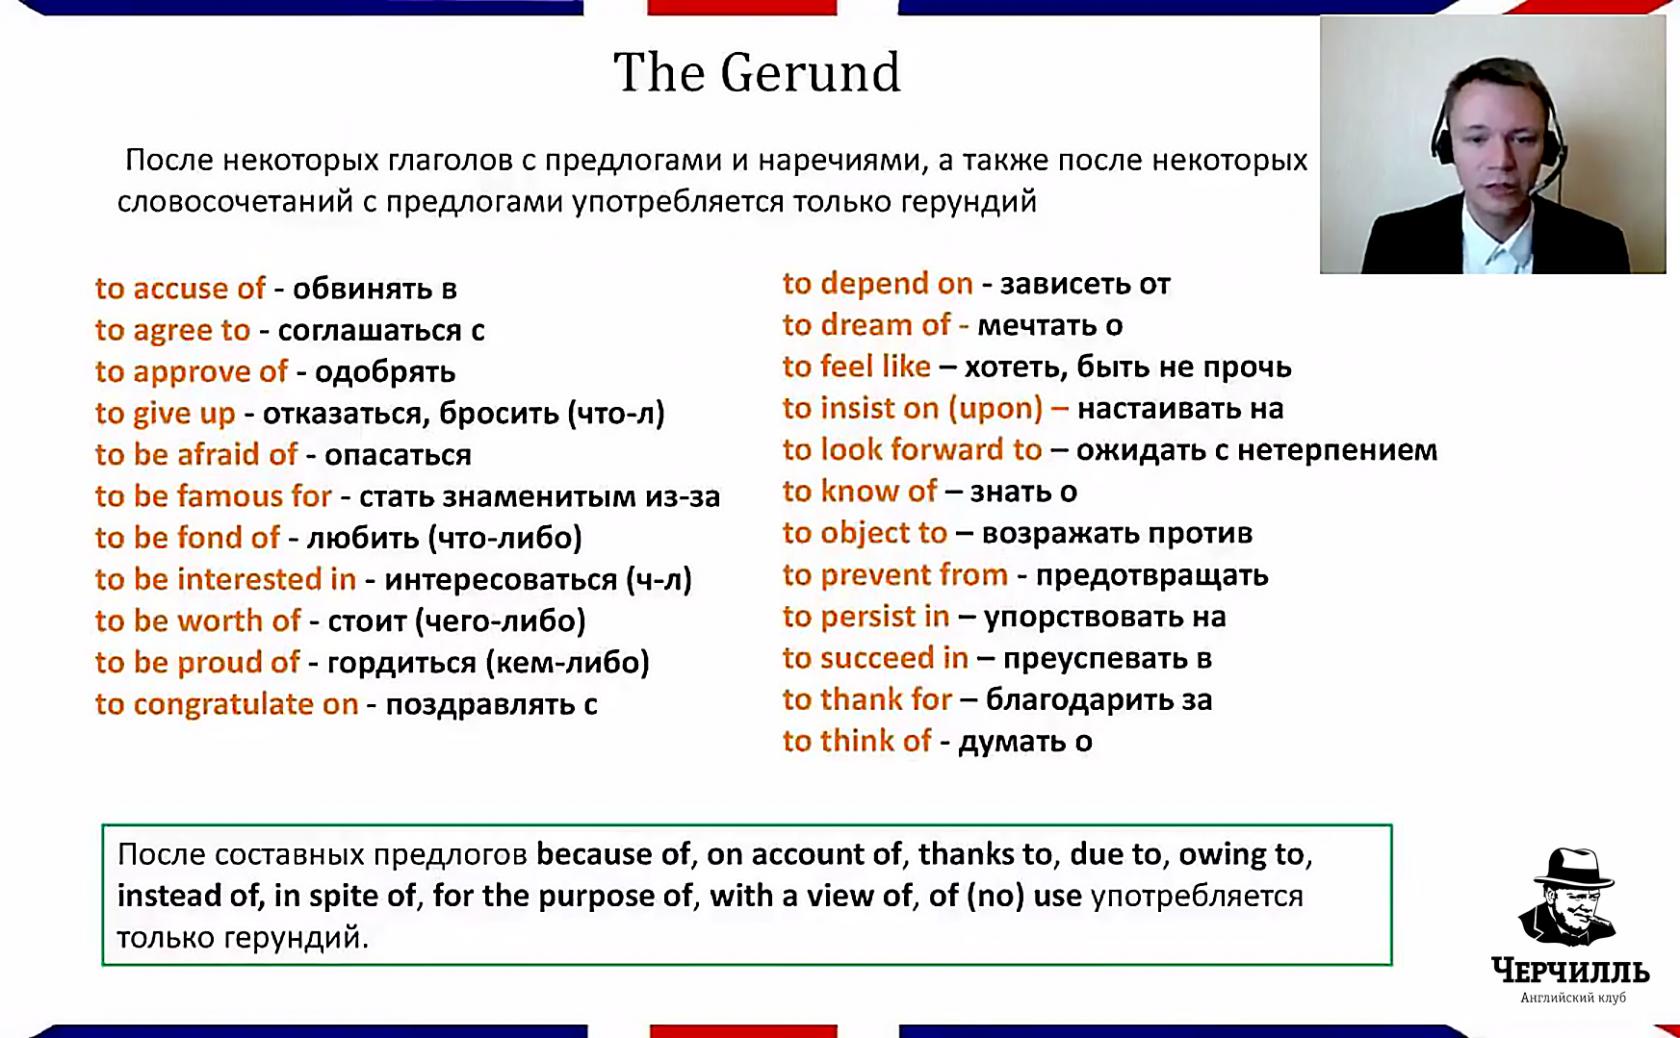 Сергей сердюков английский работа в фатеж